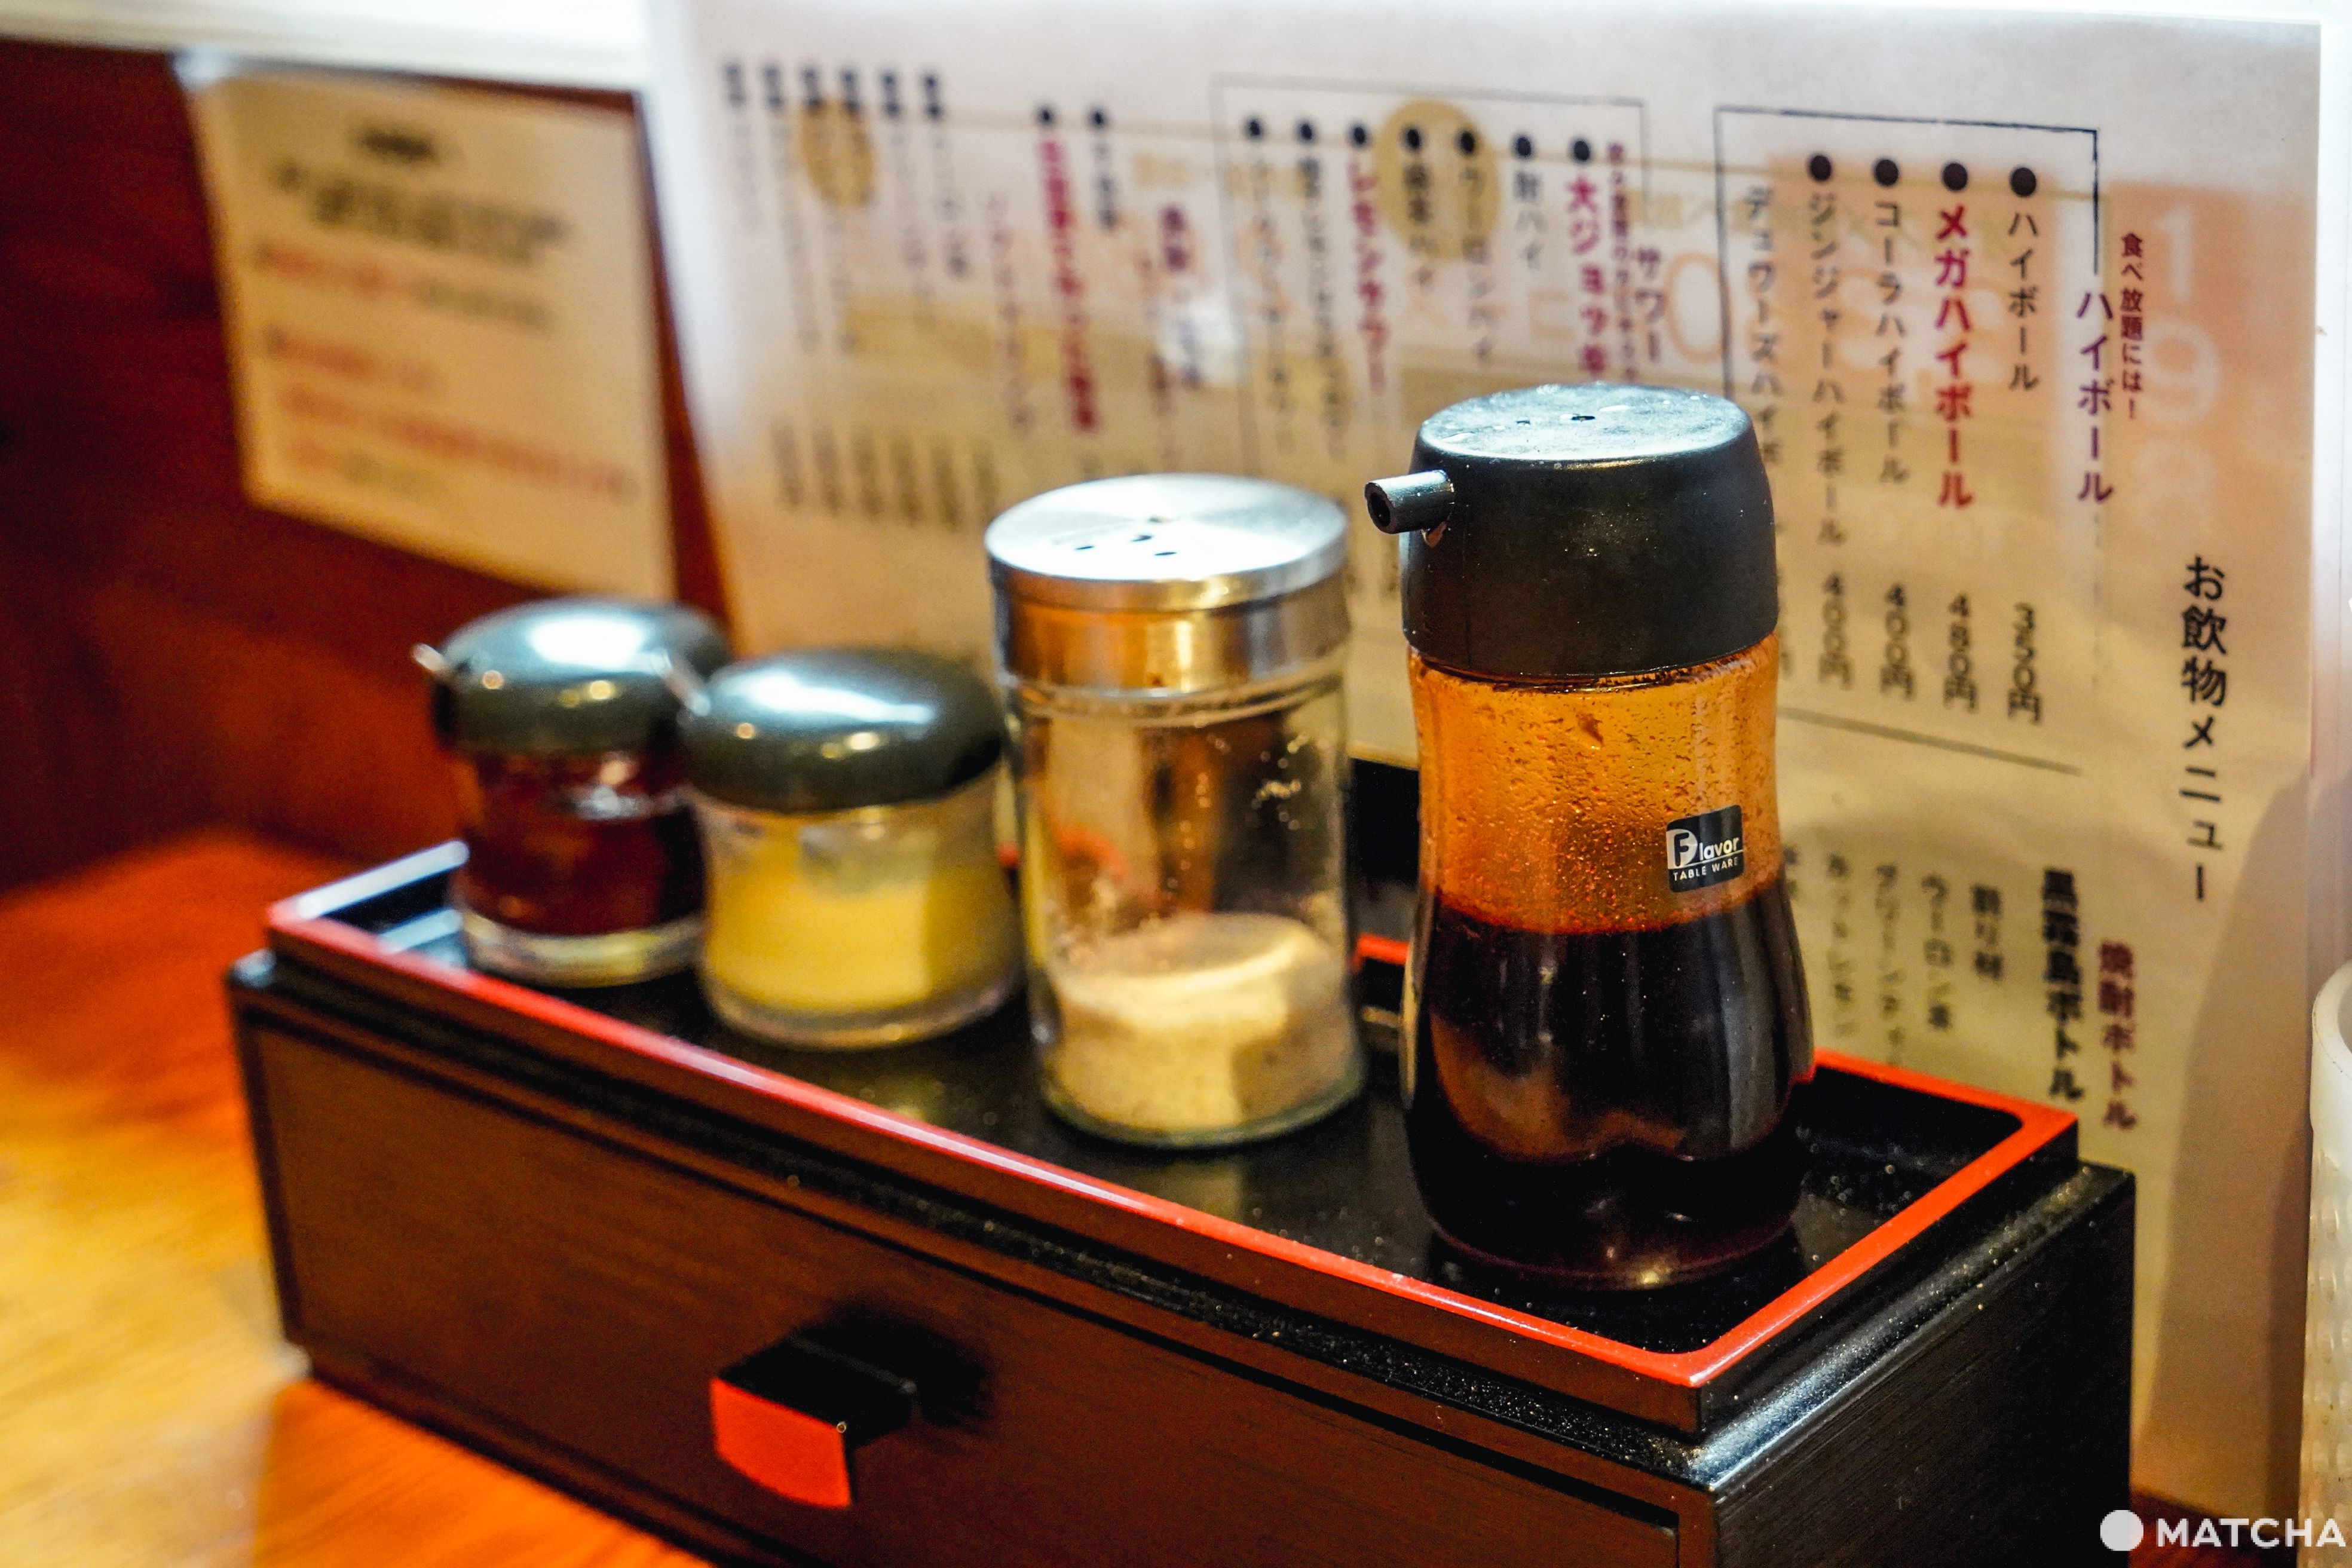 東京美食燒肉吃到飽_豪德寺ひゃくてん_吃到飽午餐方案_沾醬